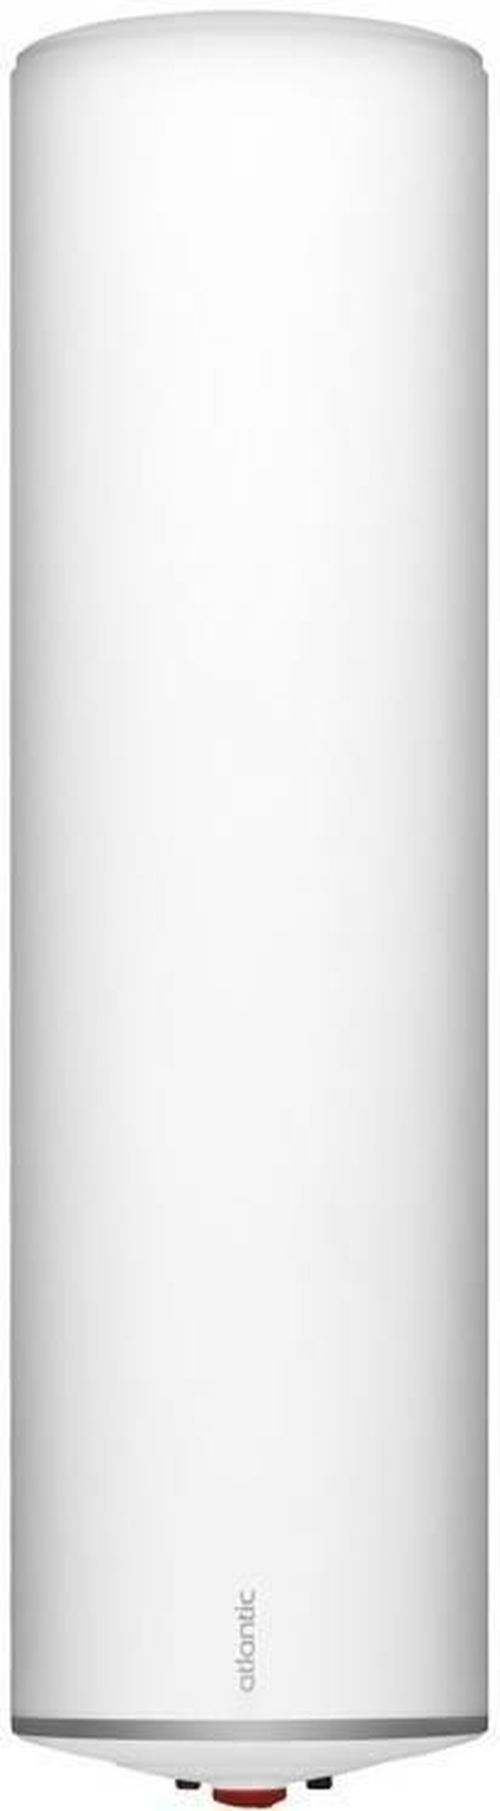 купить Водонагреватель накопительный Atlantic OPro Slim PC 75 L в Кишинёве